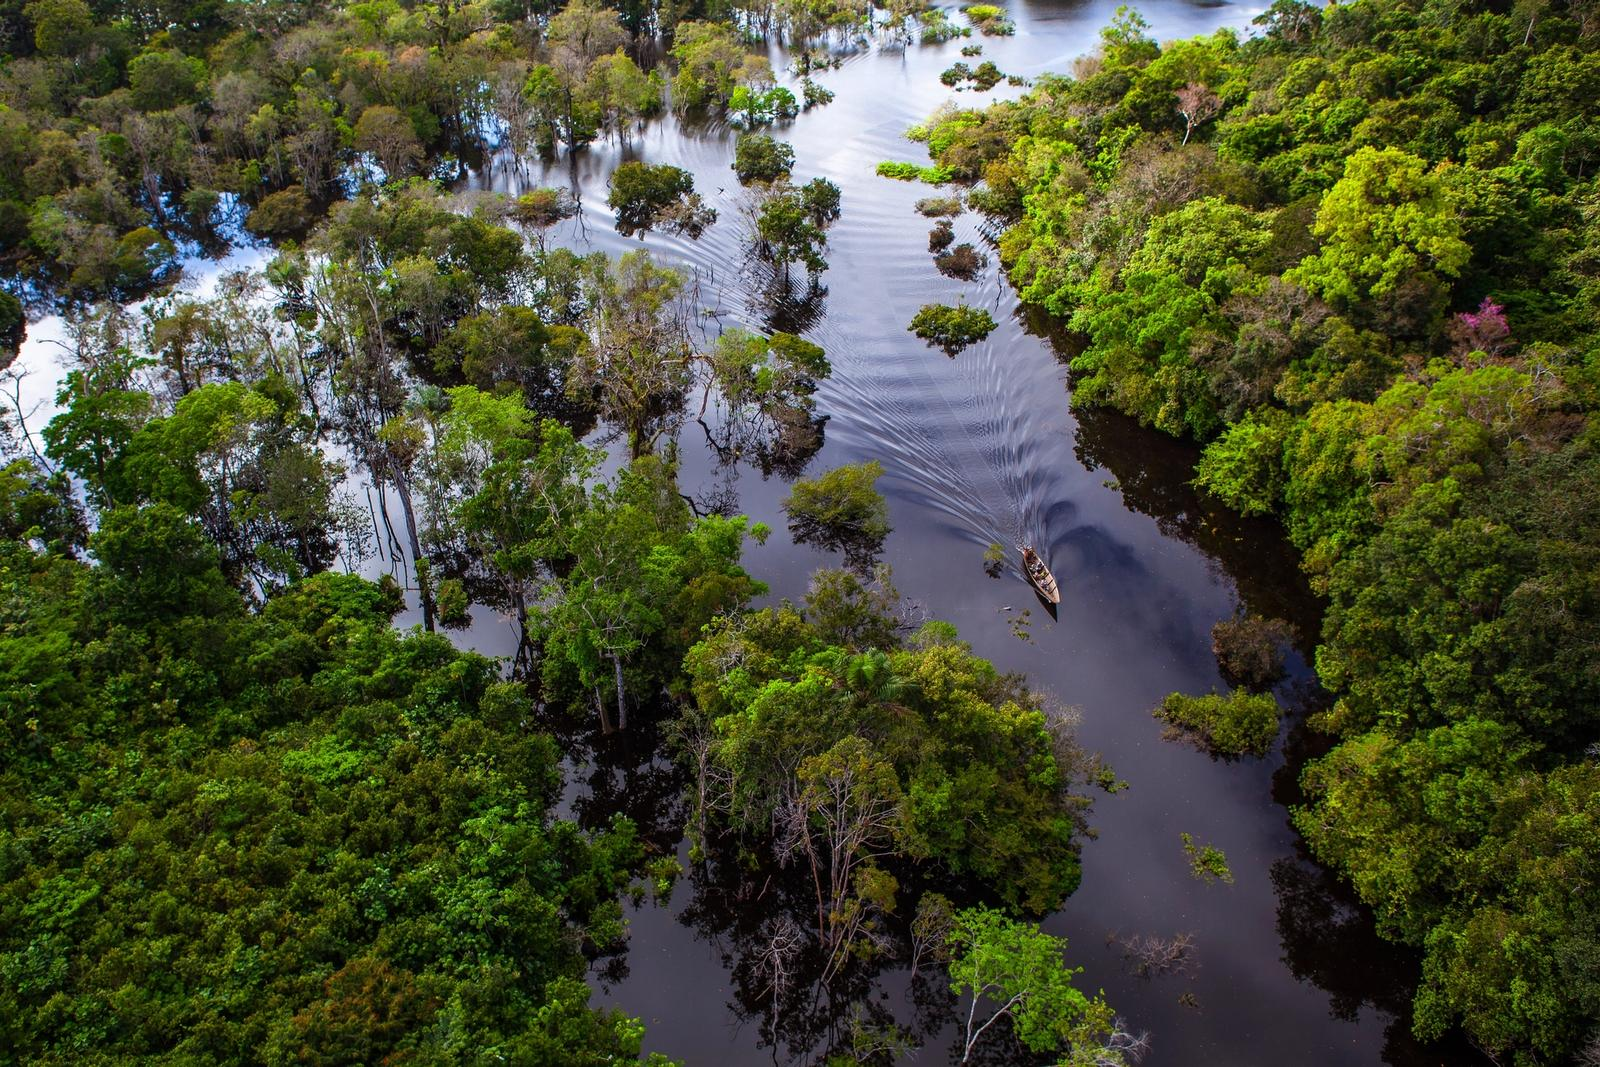 foresta pluviale in amazzonia